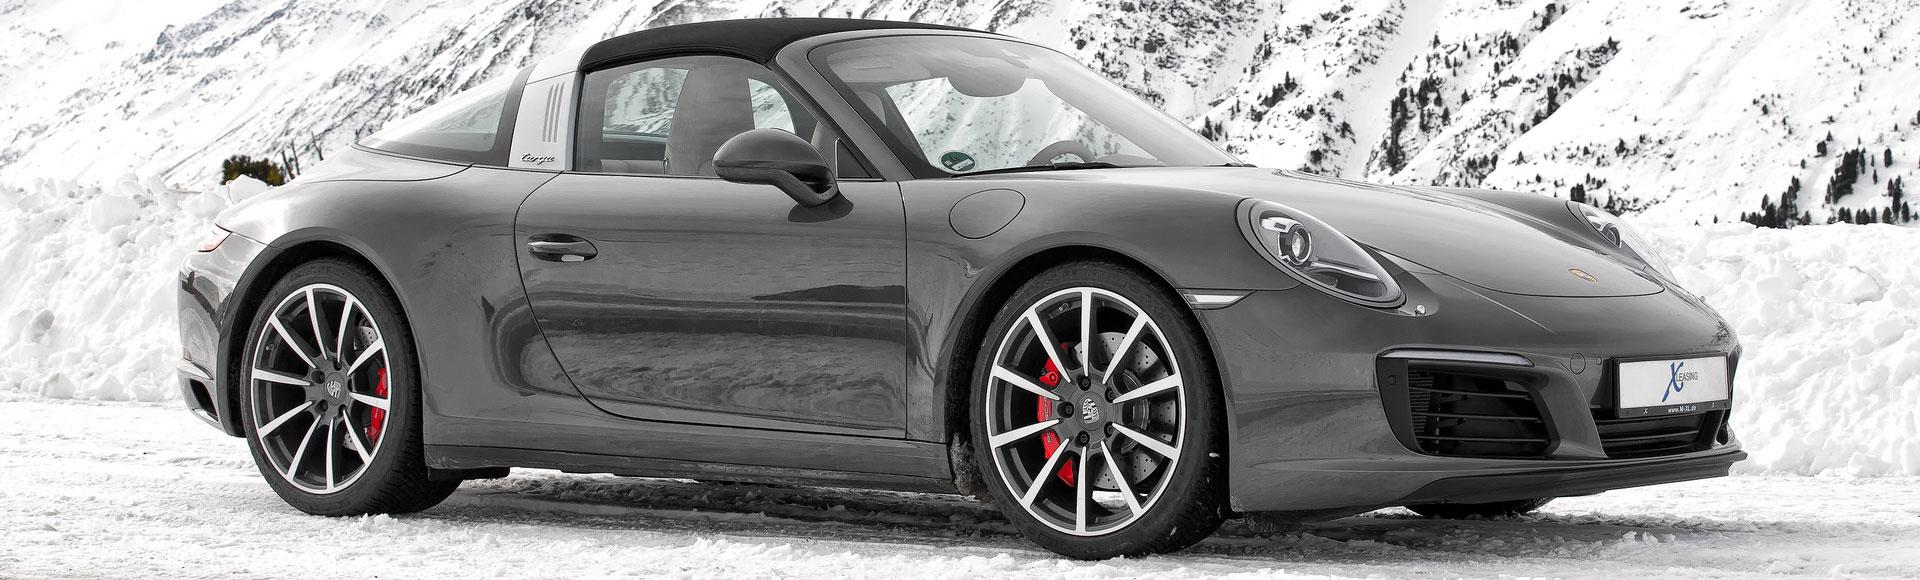 Porsche 991 Targa 2016 Winter 008